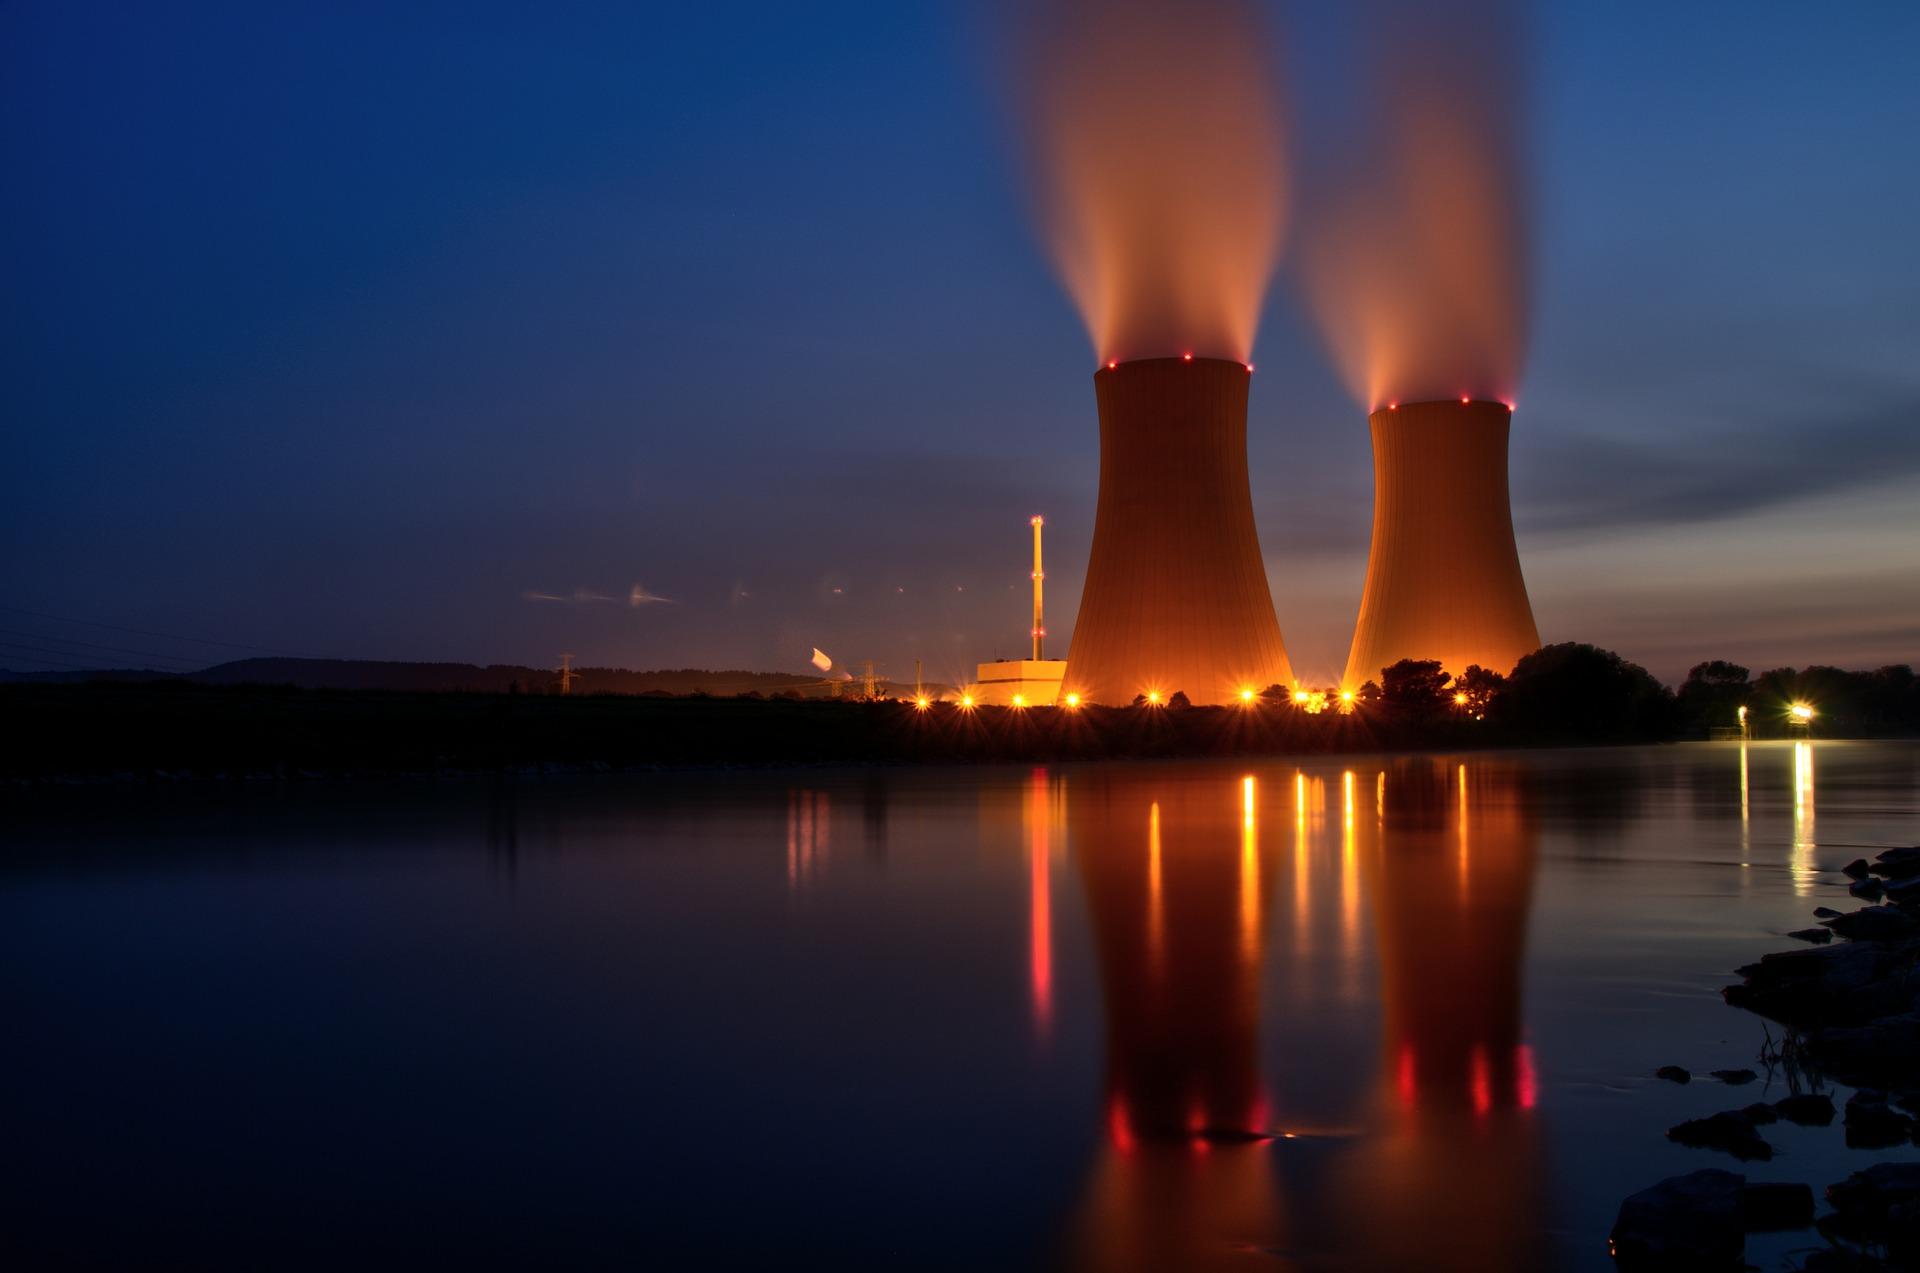 Nucléaire français : Va-t-on perdre la moitié de notre puissance électrique nucléaire d'ici 10 ans ?